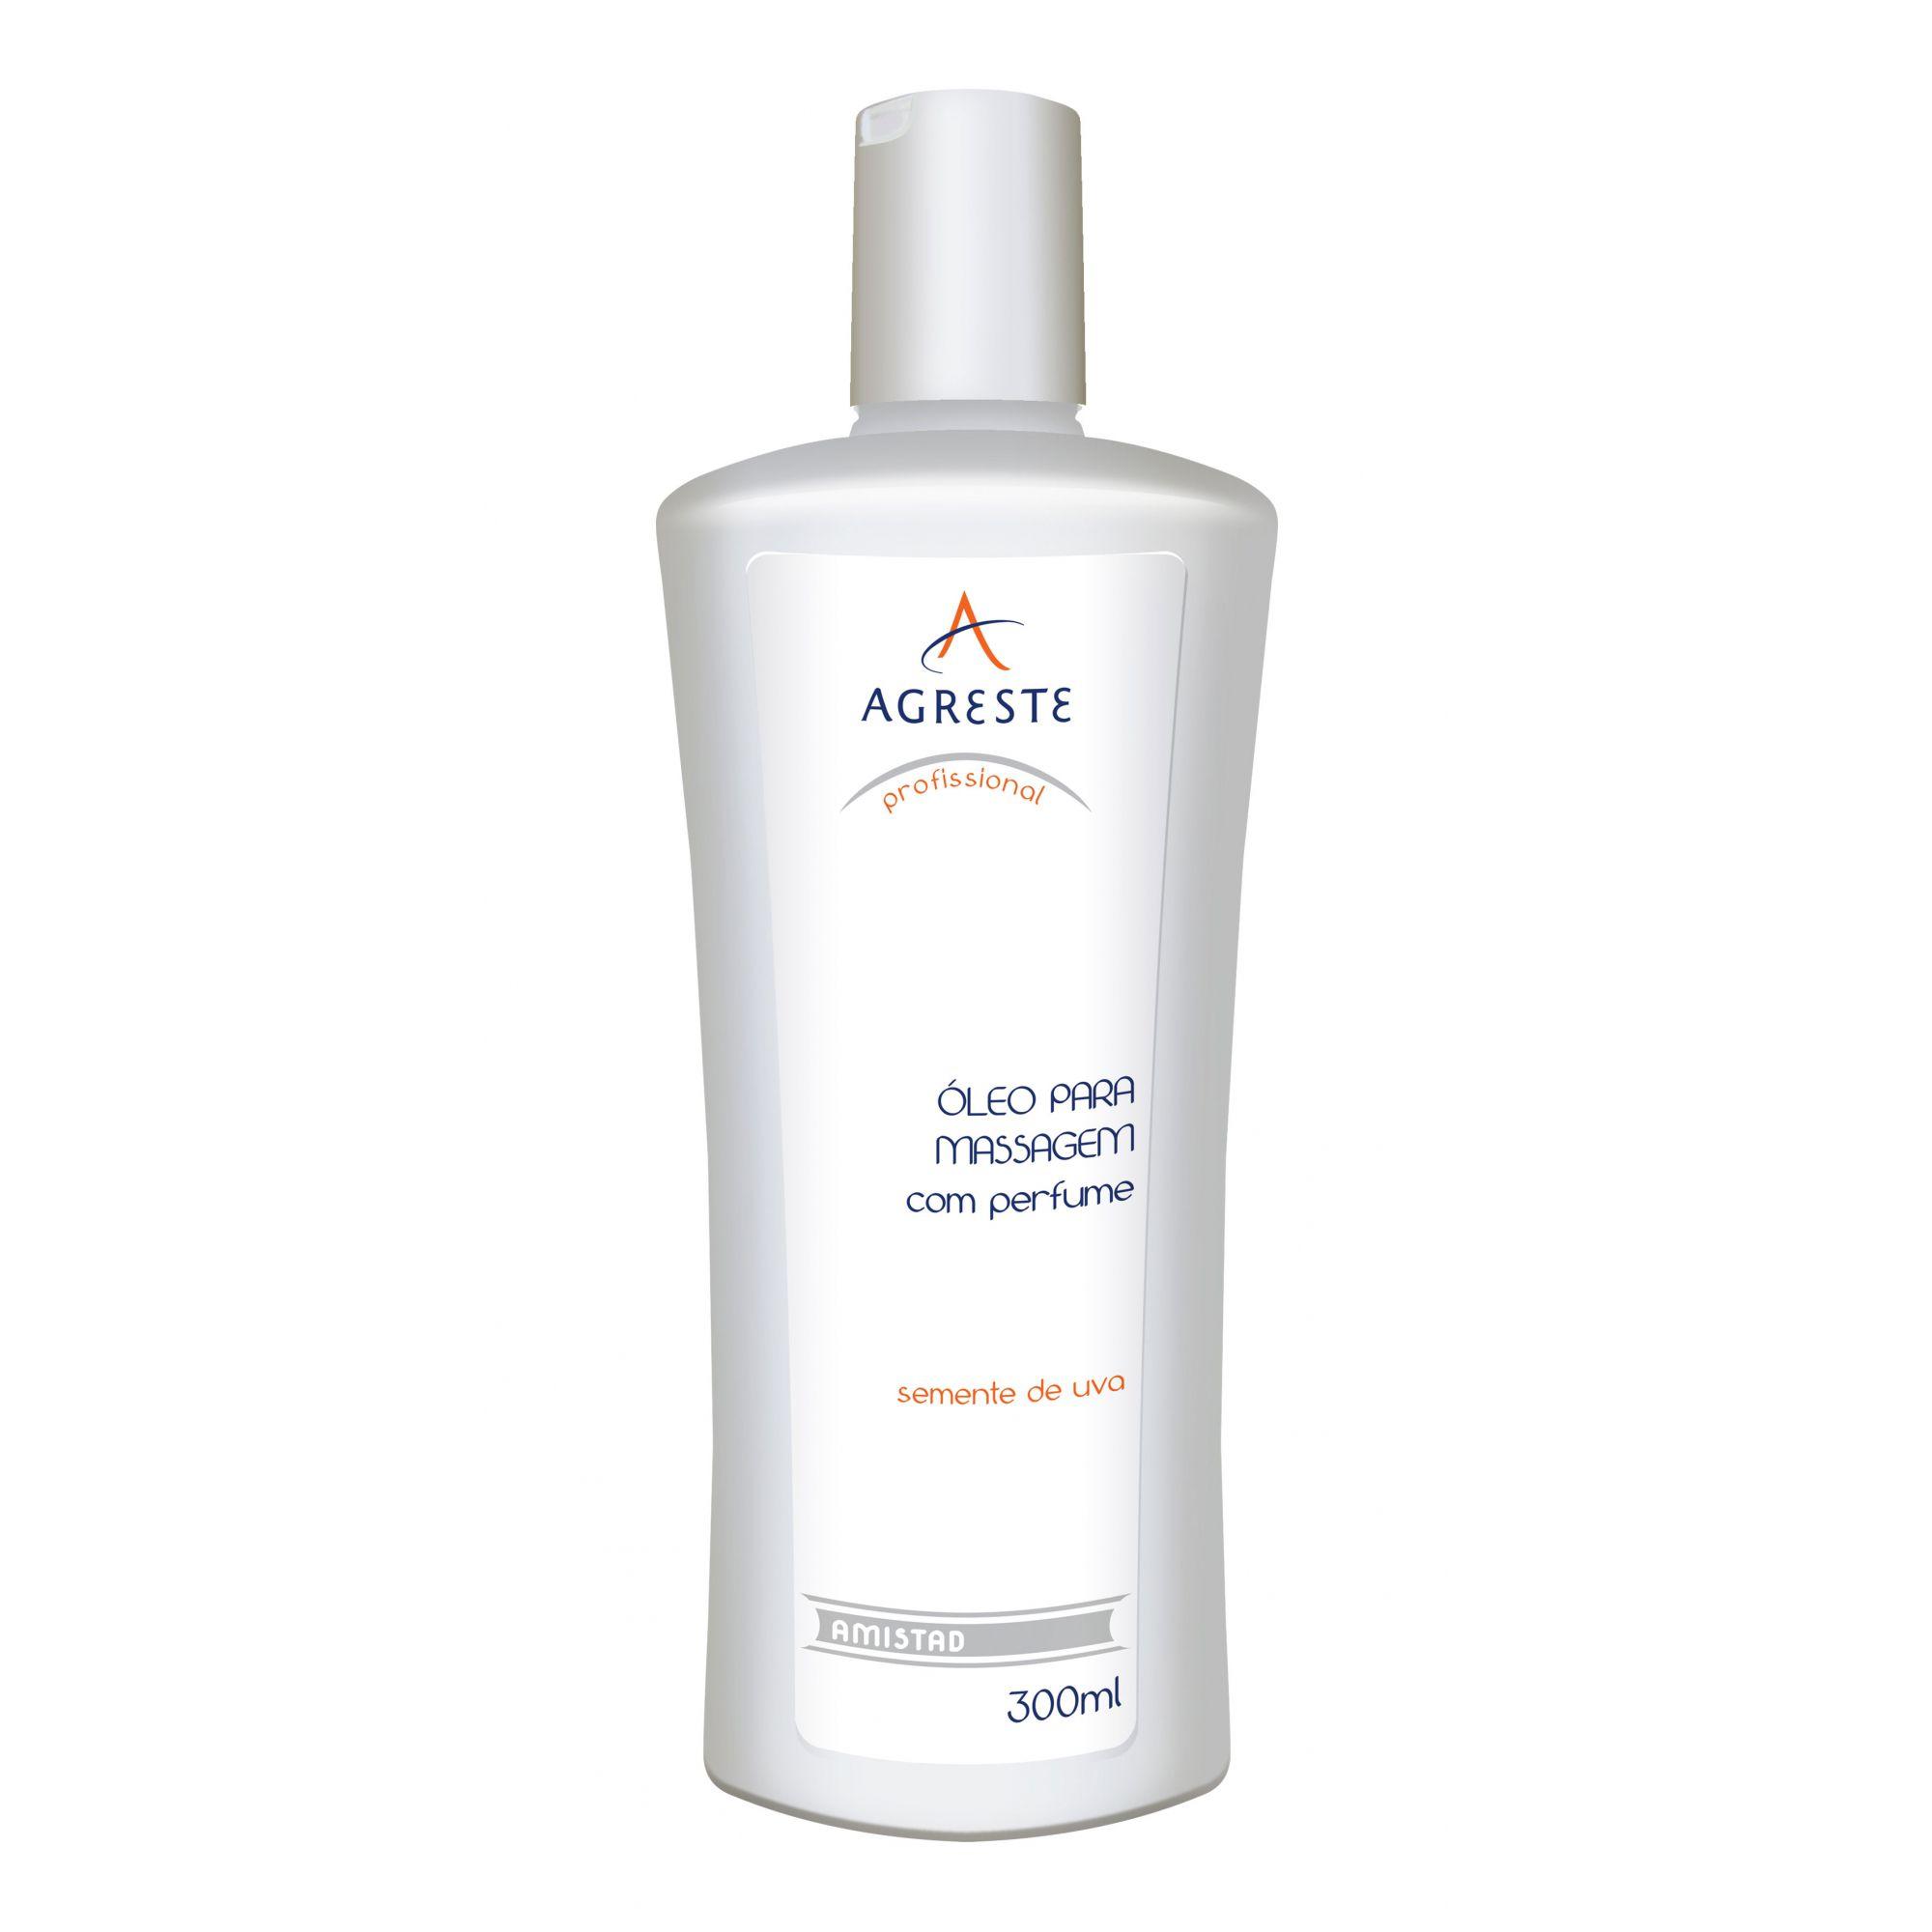 Óleo para Massagem com Semente de Uva Perfumado - 300ml  - Agreste Brasil - Cosmética Profissional